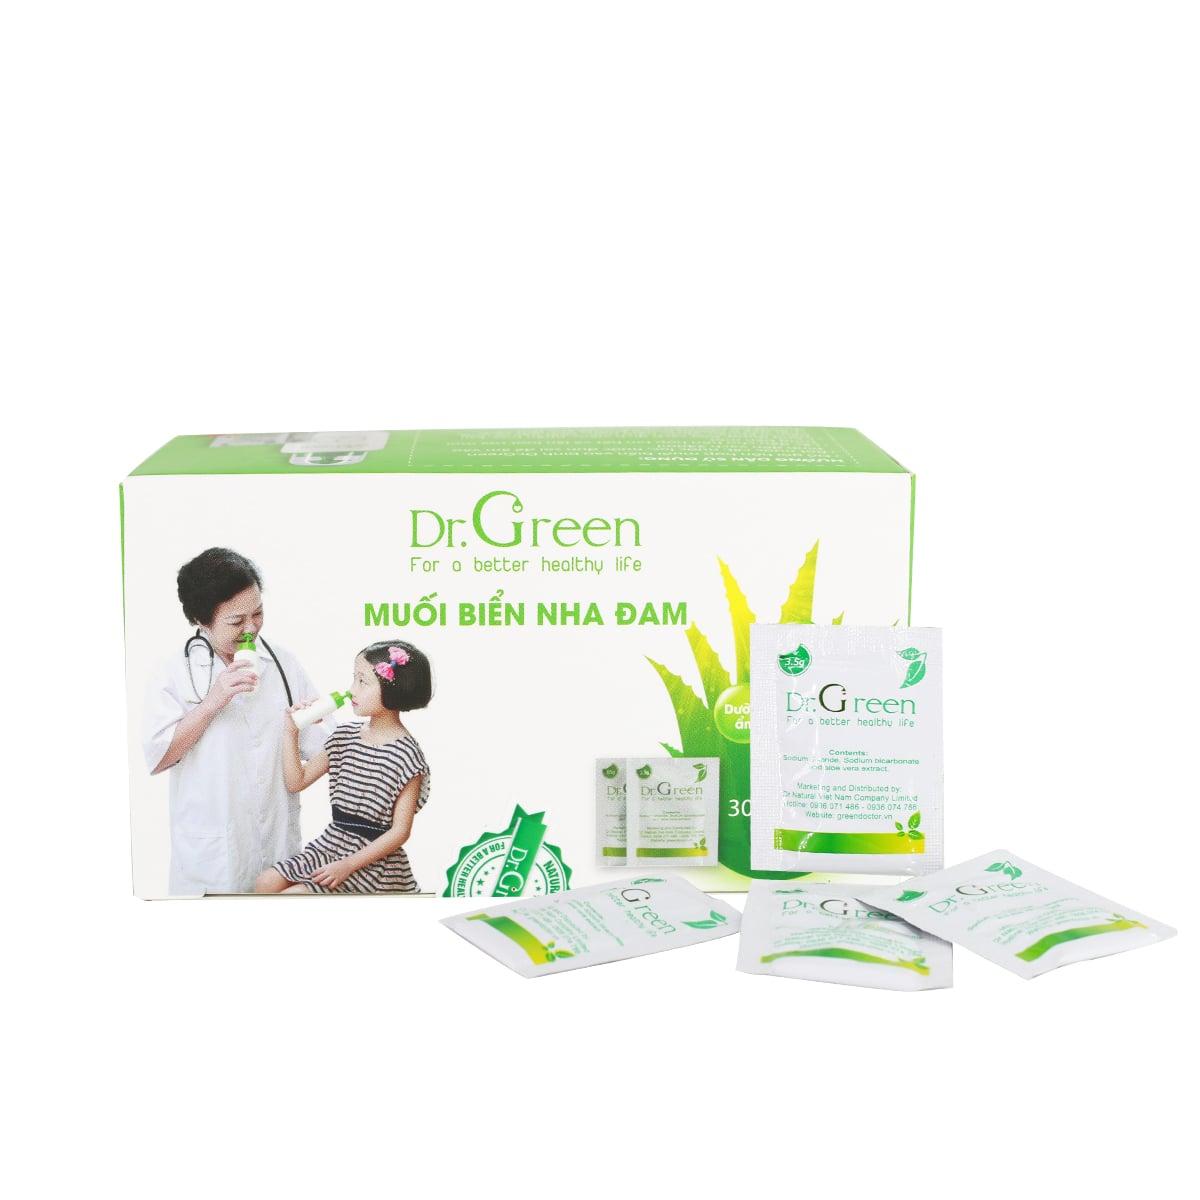 Bình rửa mũi Dr.Green sử dụng vô cùng đơn giản